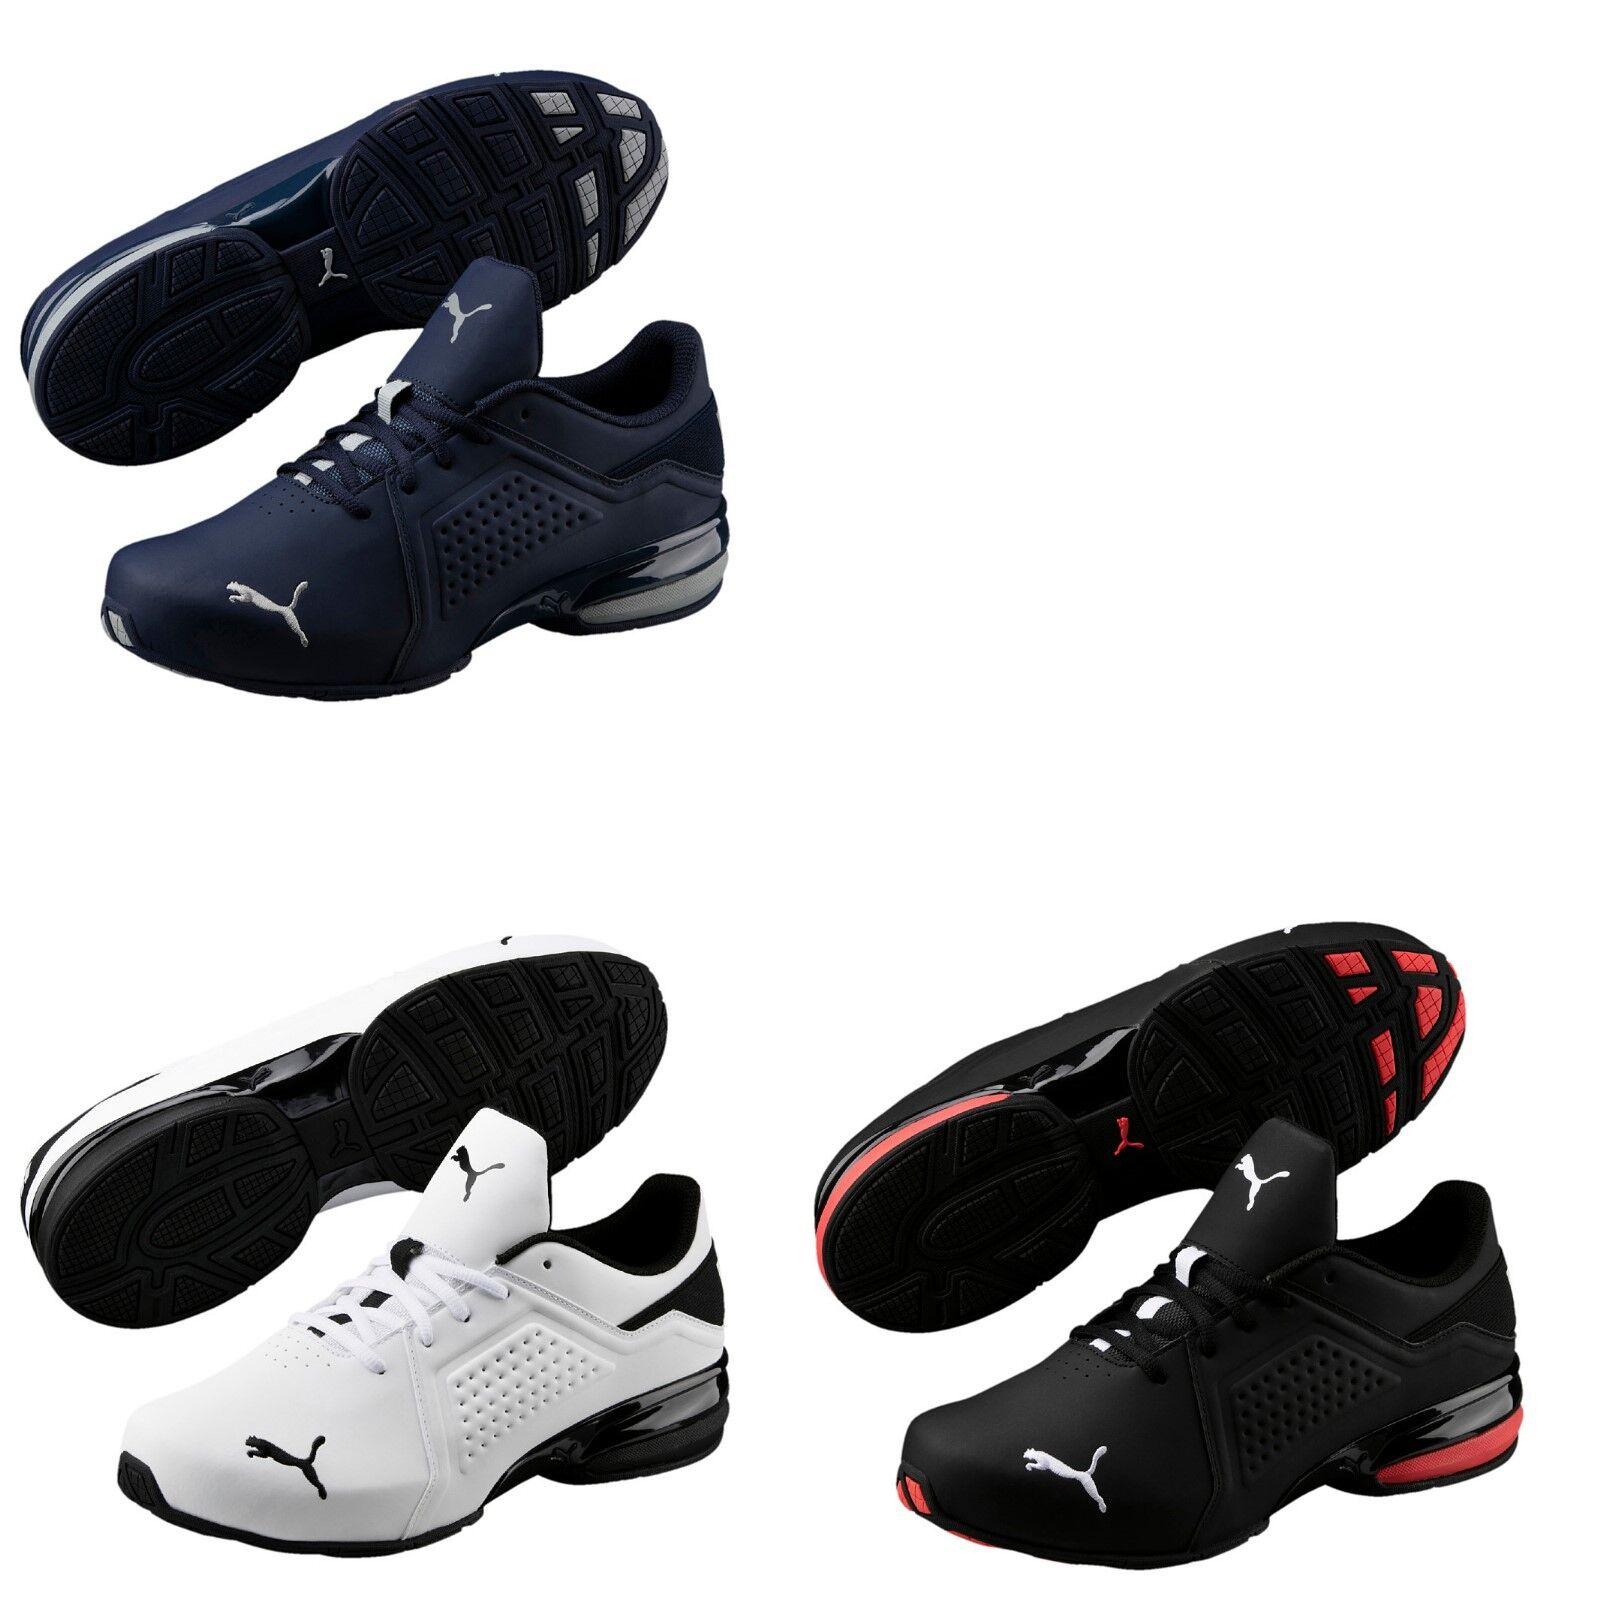 Puma Viz Runner Herren Laufschuhe Sportschuhe Sneaker Männer